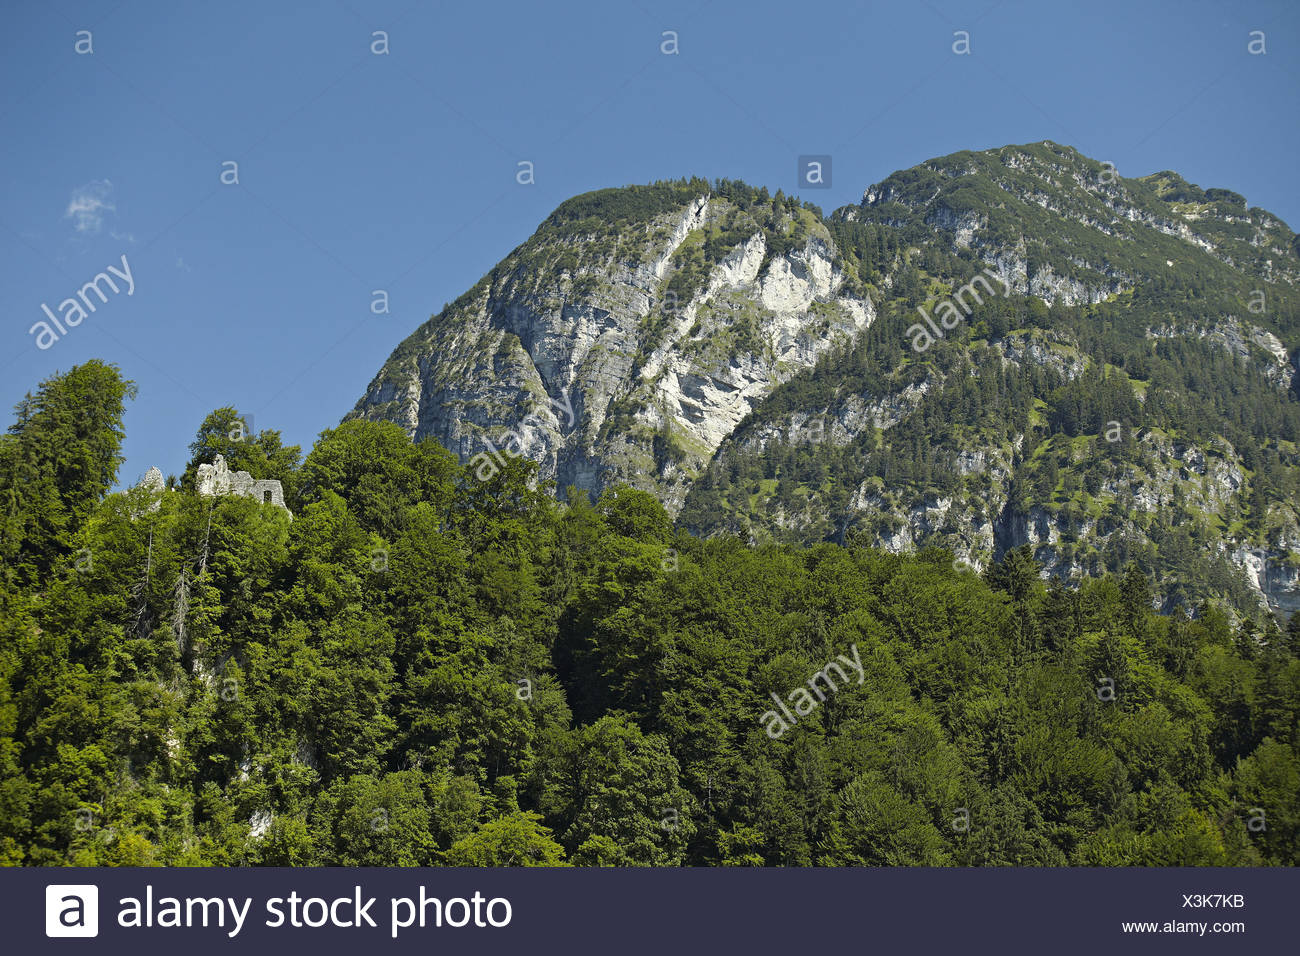 Germany, Bavaria, Werdenfelser Land (region), Garmisch-Partenkirchen, Burgrain, castle ruin Werdenfels, summer, - Stock Image